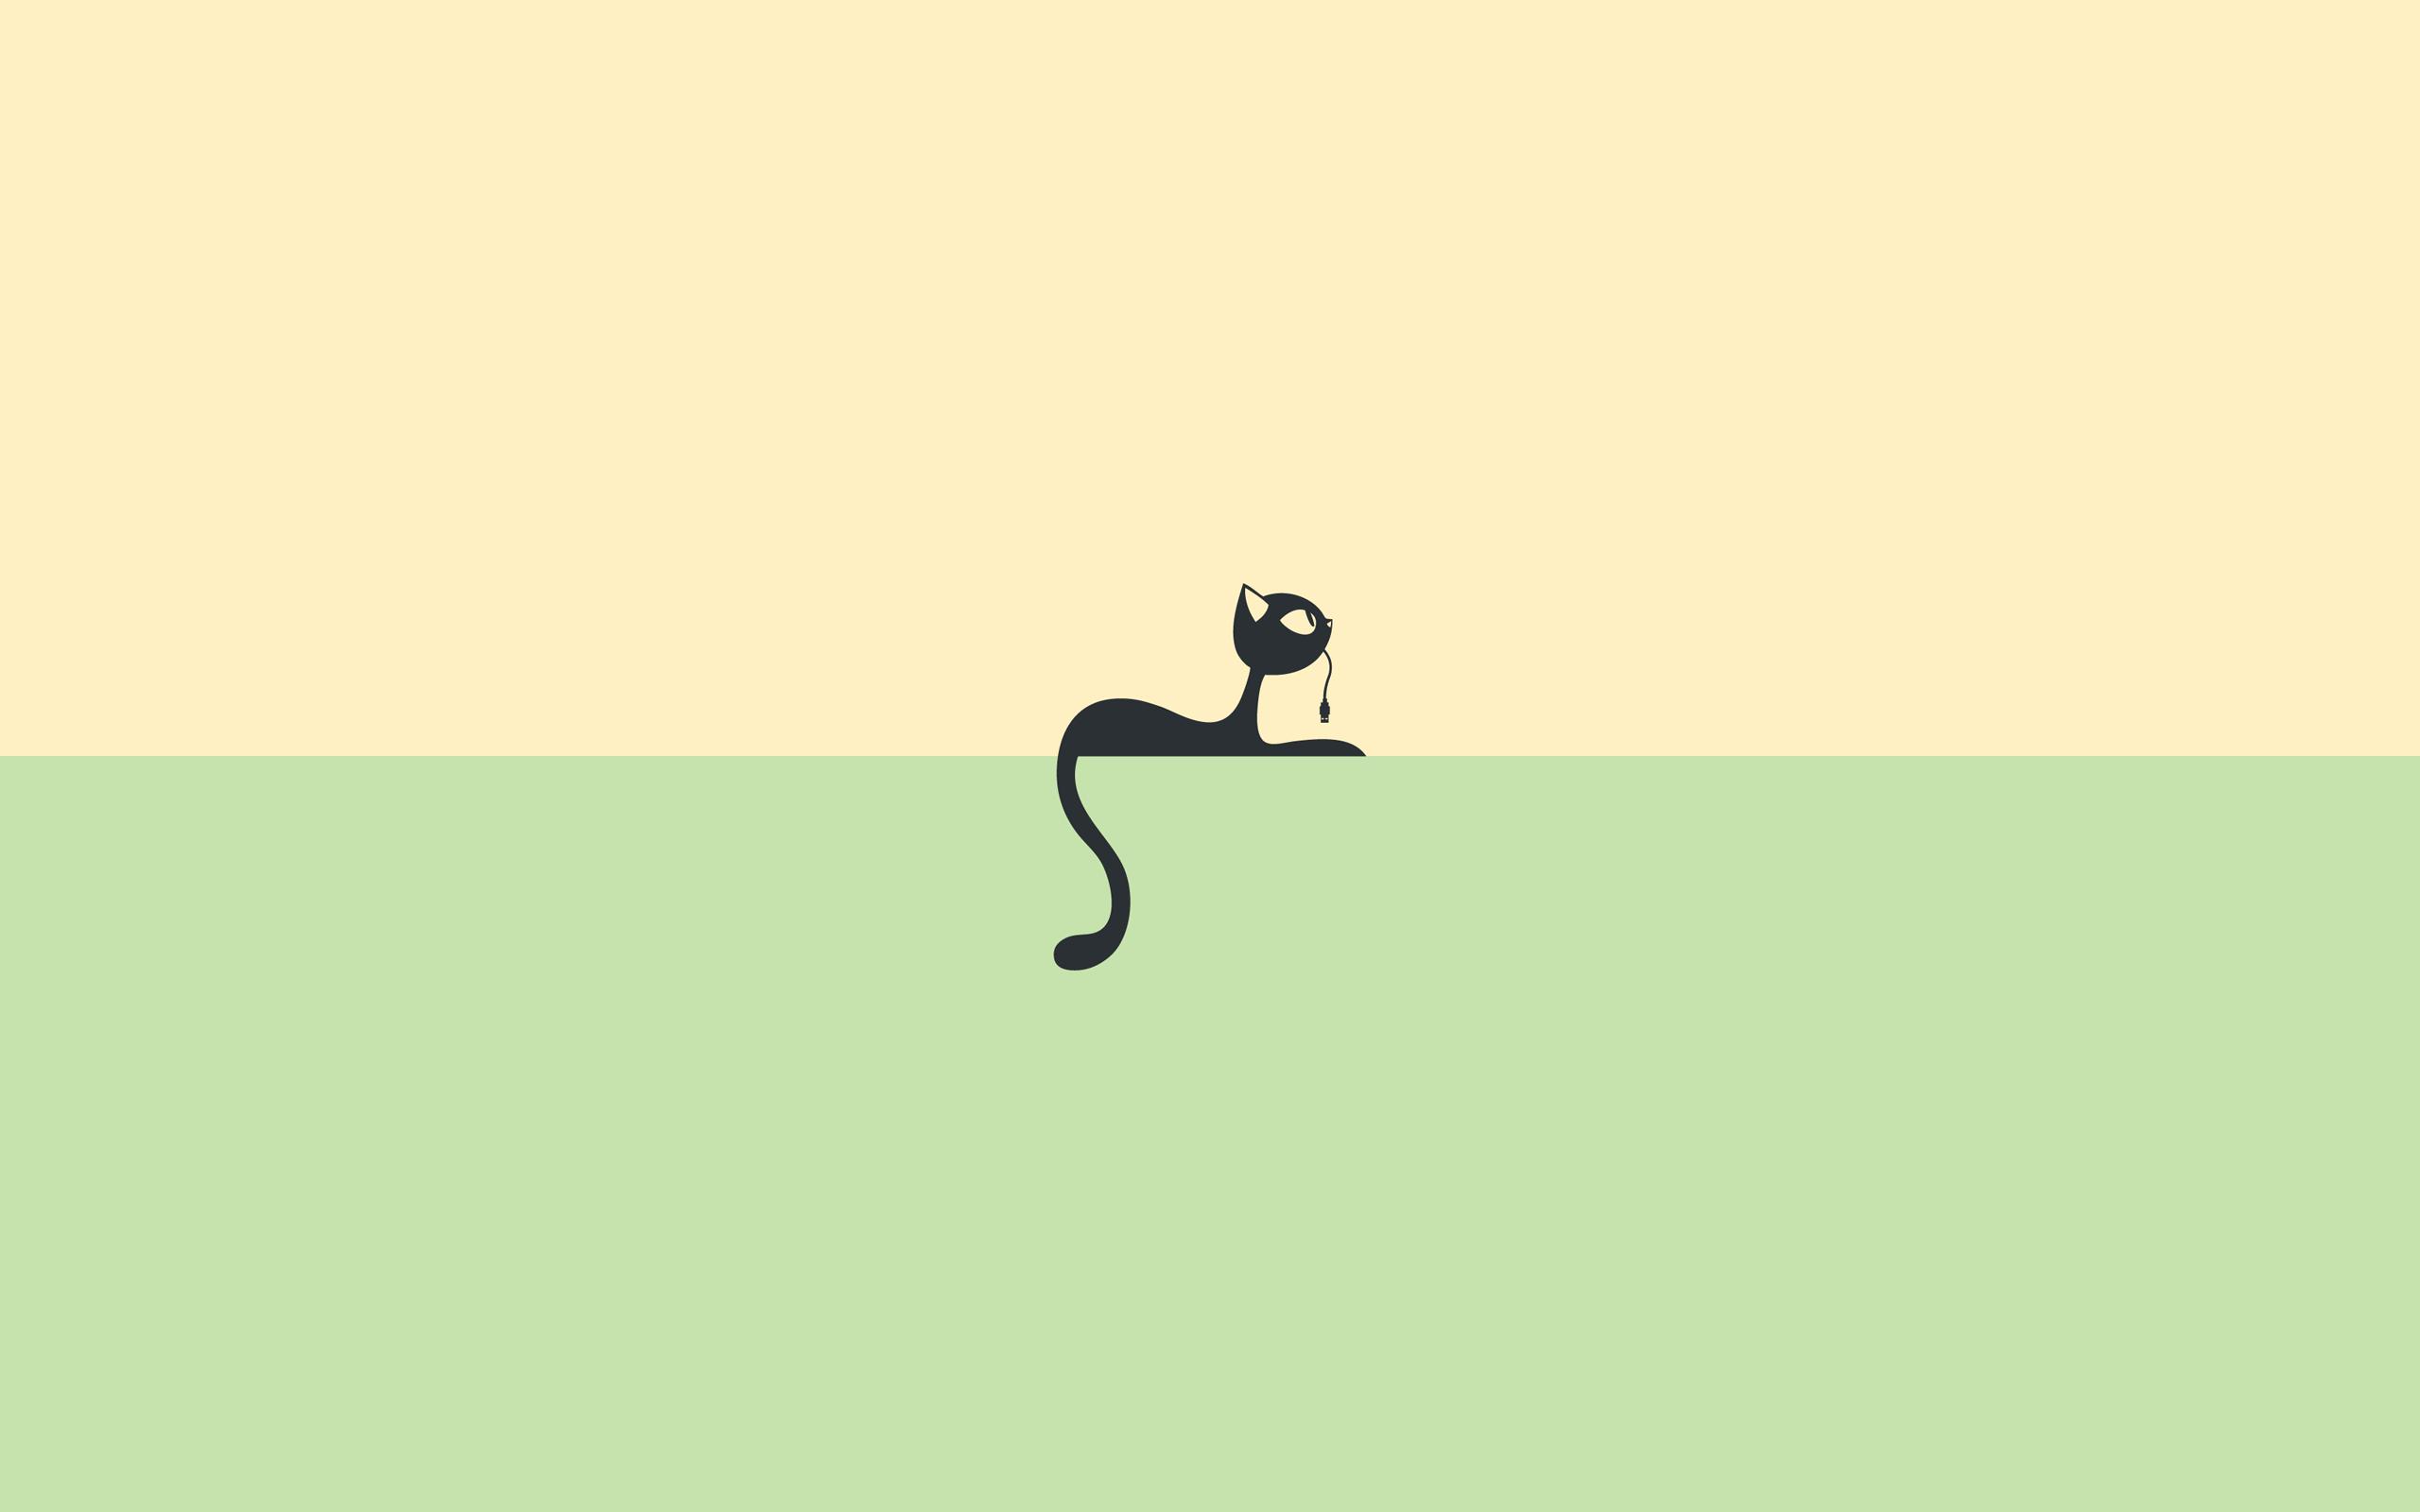 ảnh nền tối giản chú mèo đen